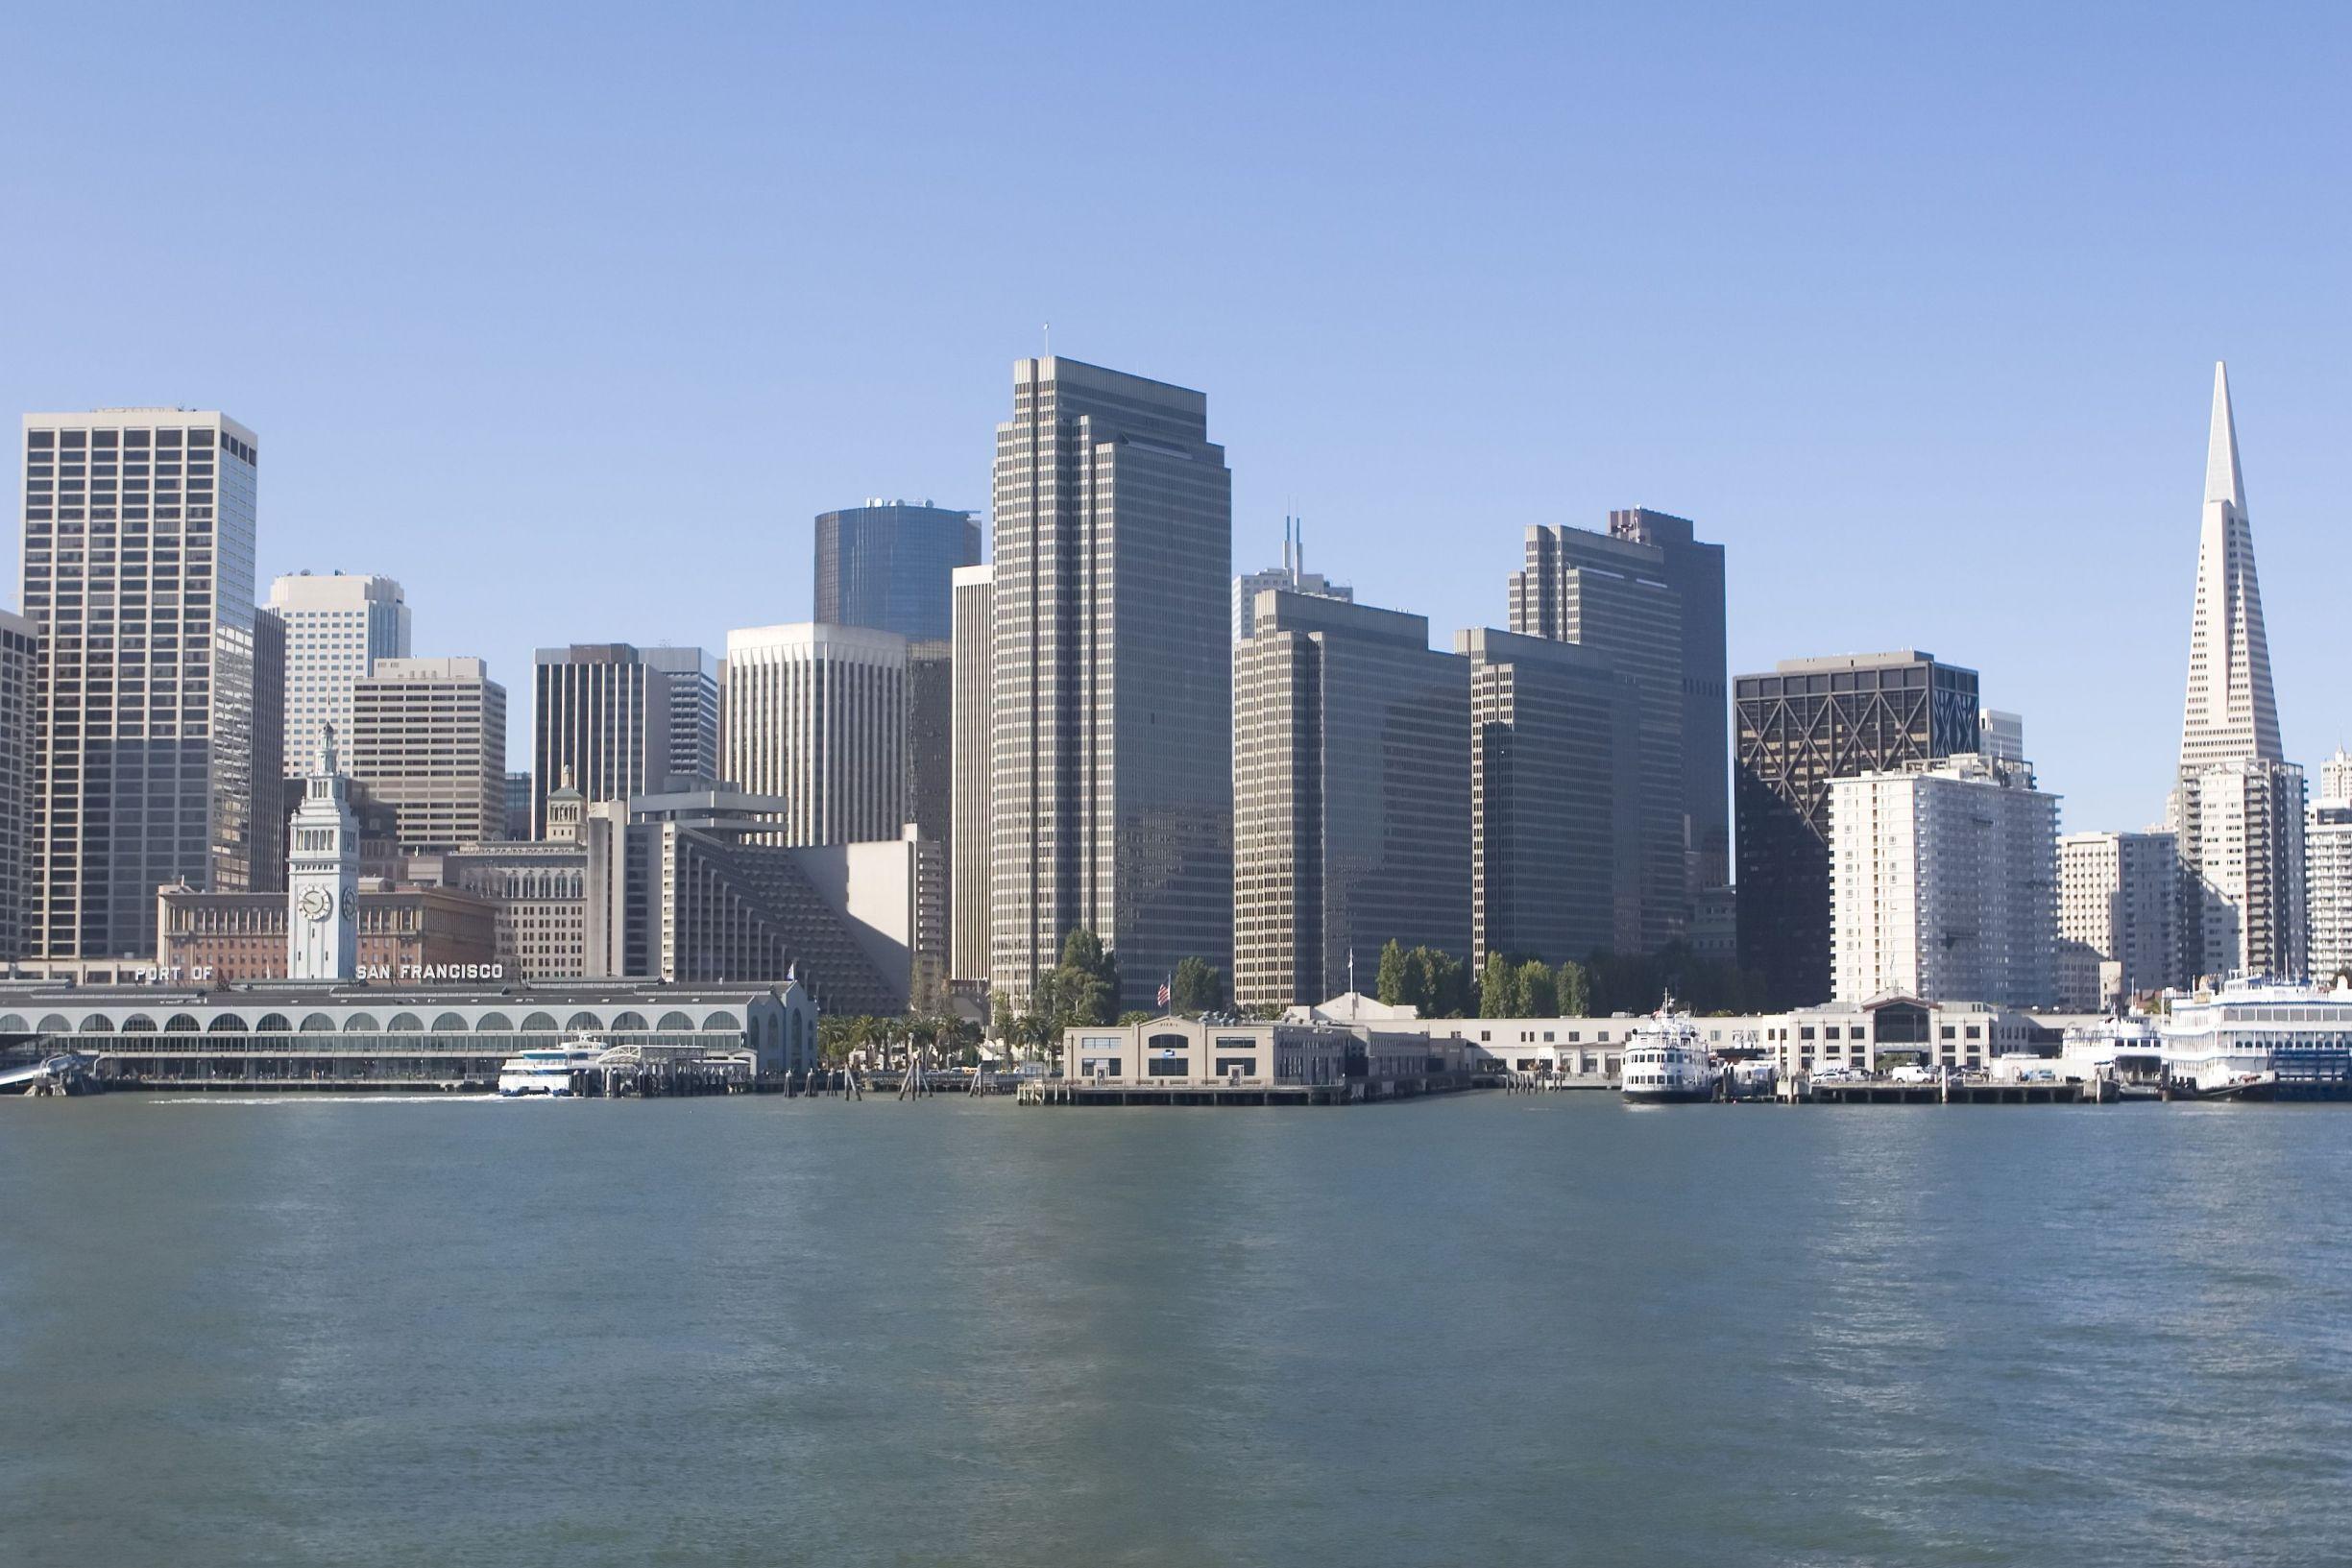 San Francisco Cruise Ship Injury Lawyer